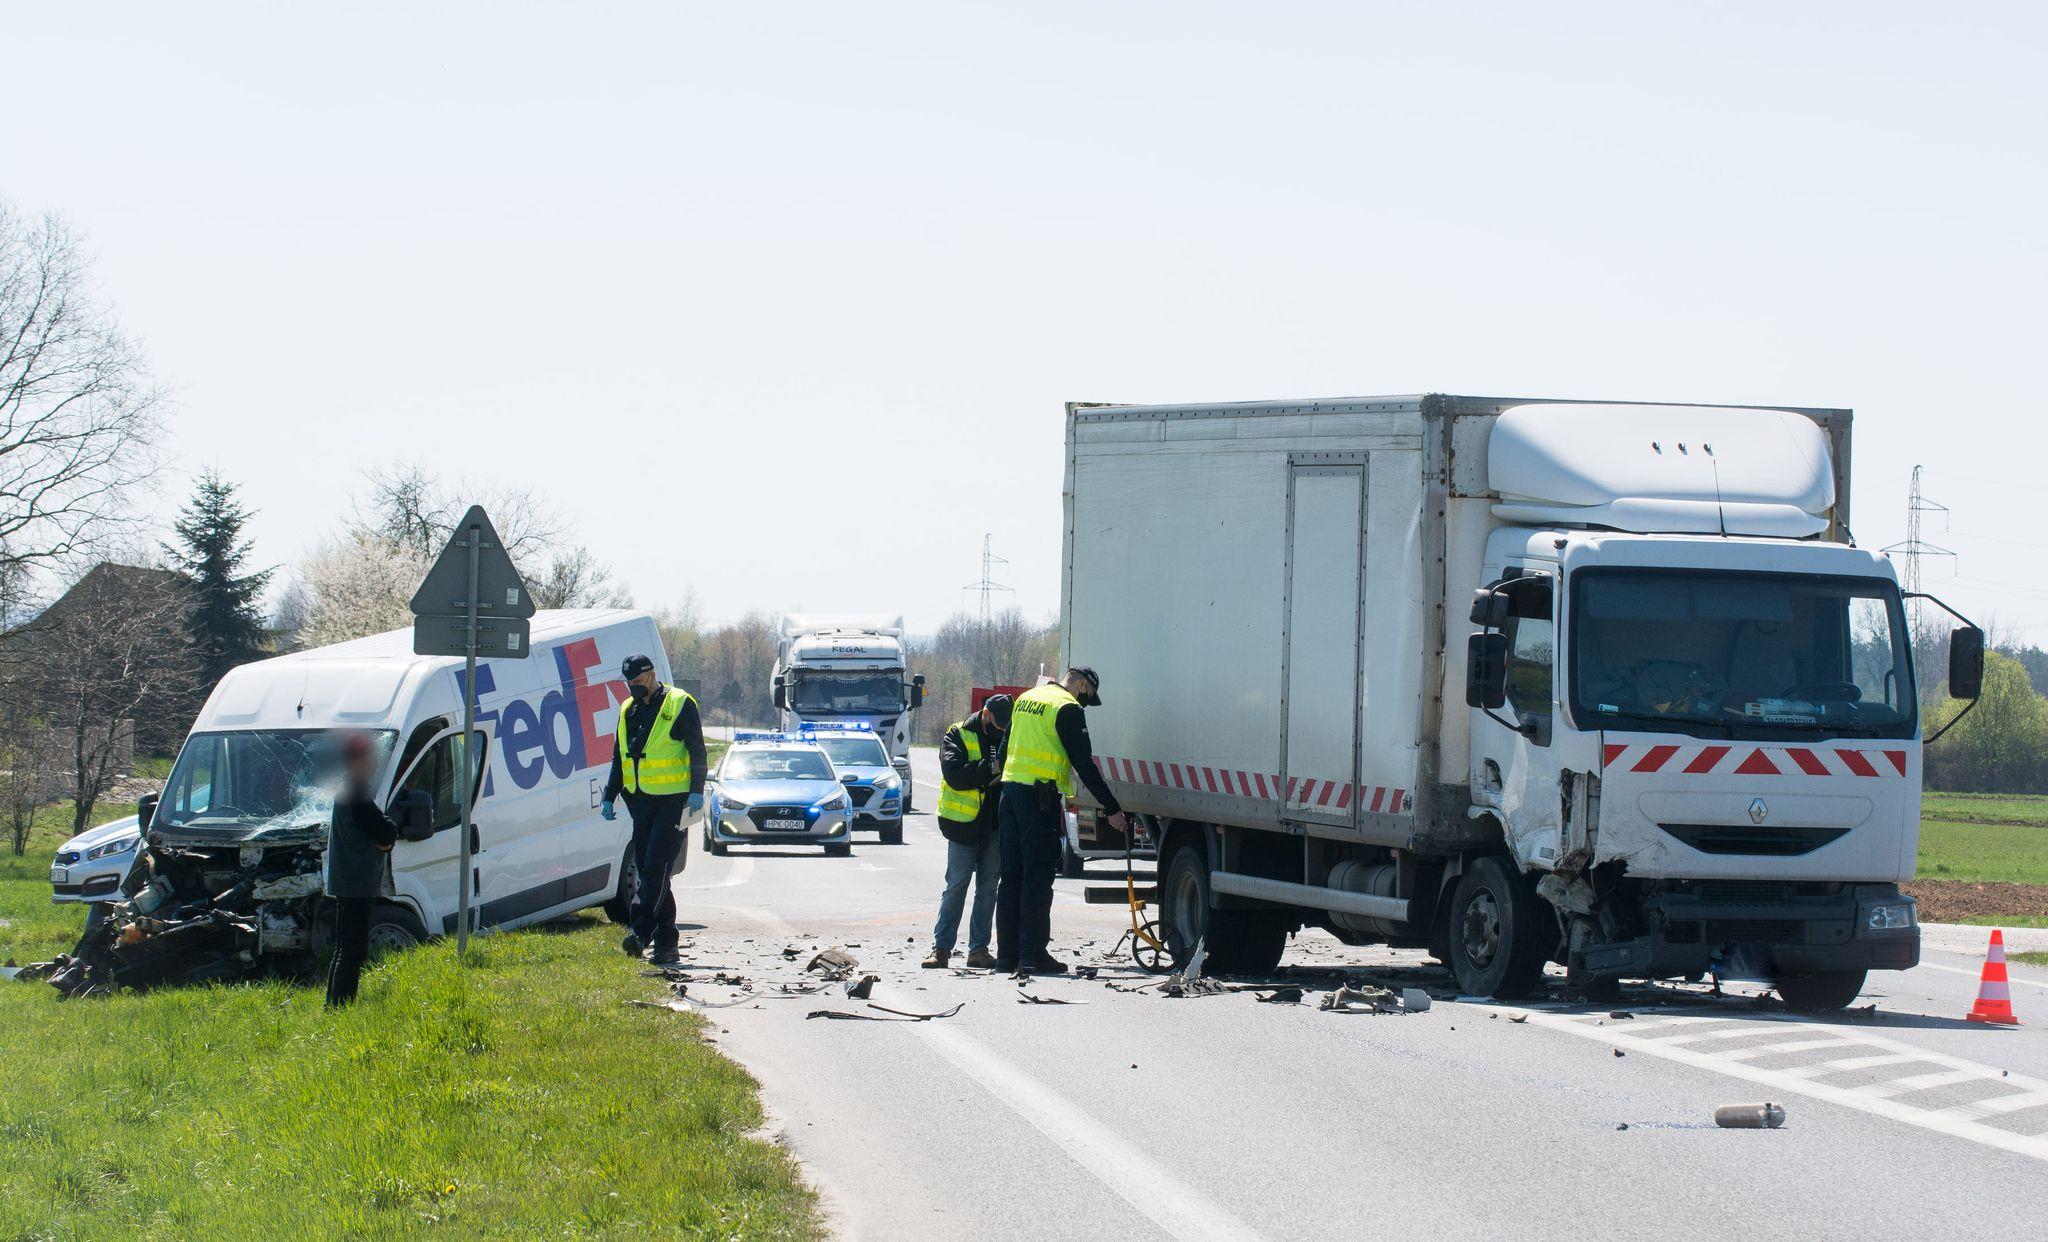 Zderzenie samochodu dostawczego z ciężarówką [ZDJĘCIA+FILM]  - Zdjęcie główne